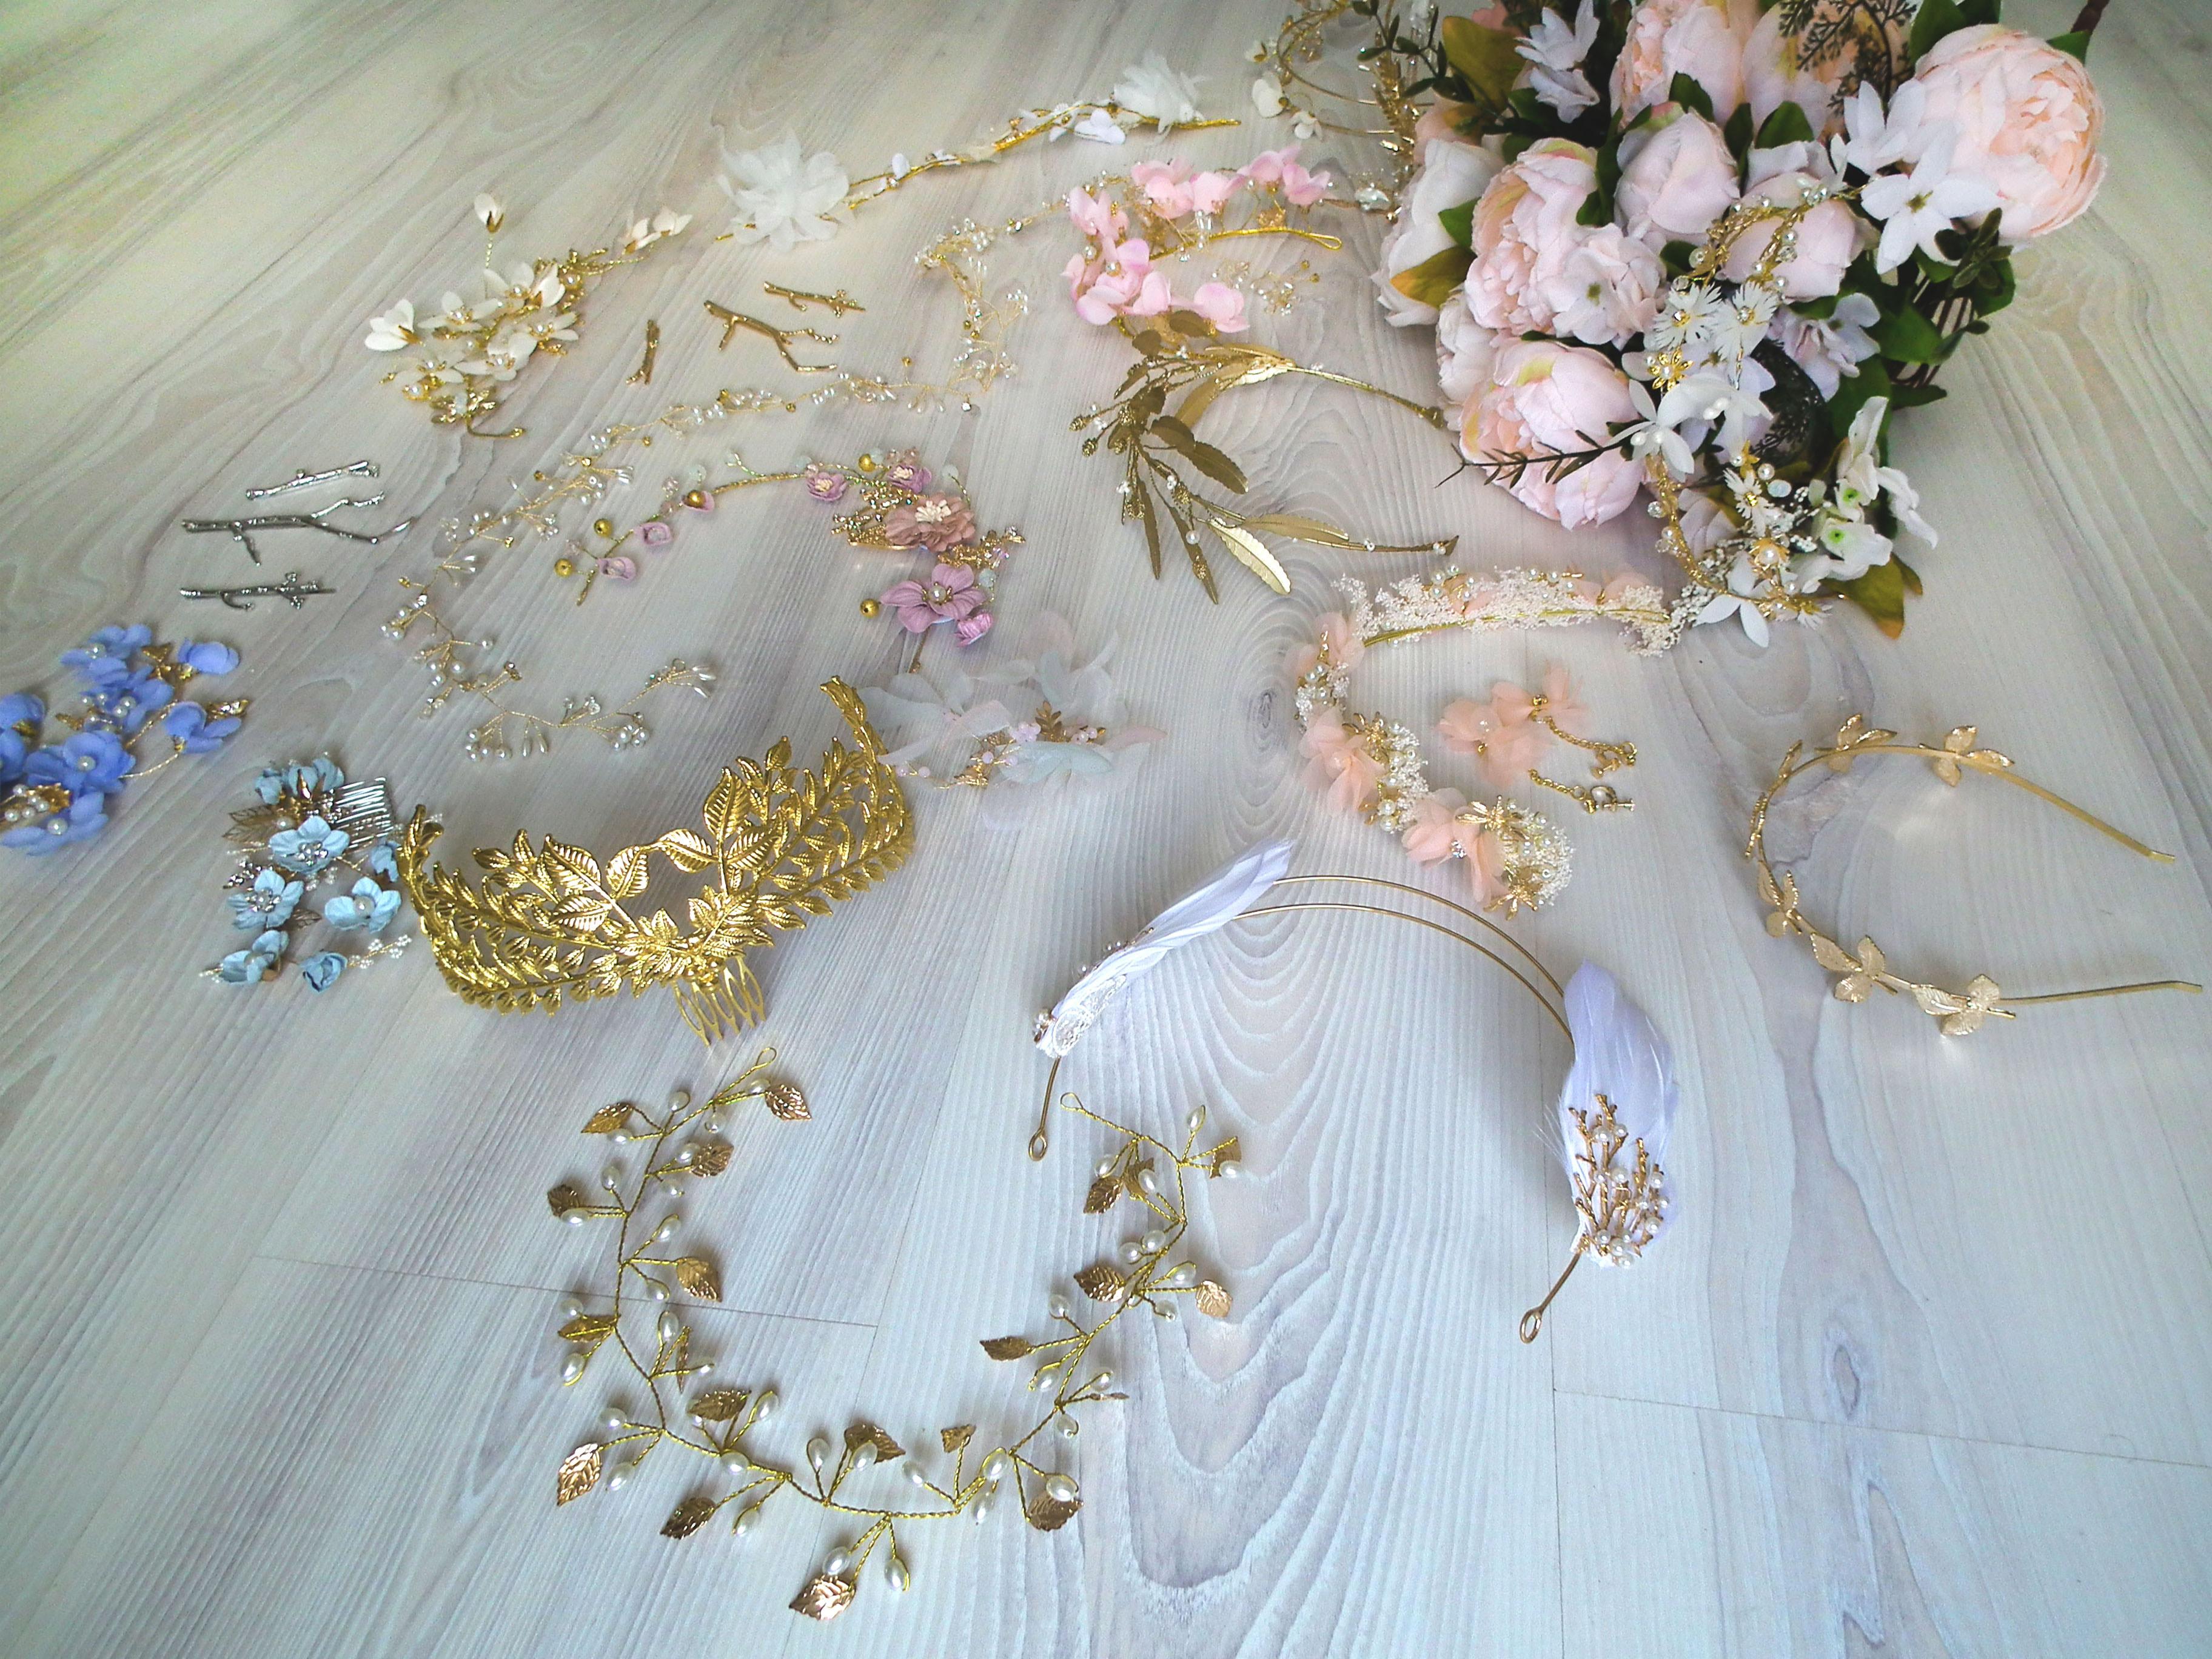 Ozdoby do vlasů pro nevěstu